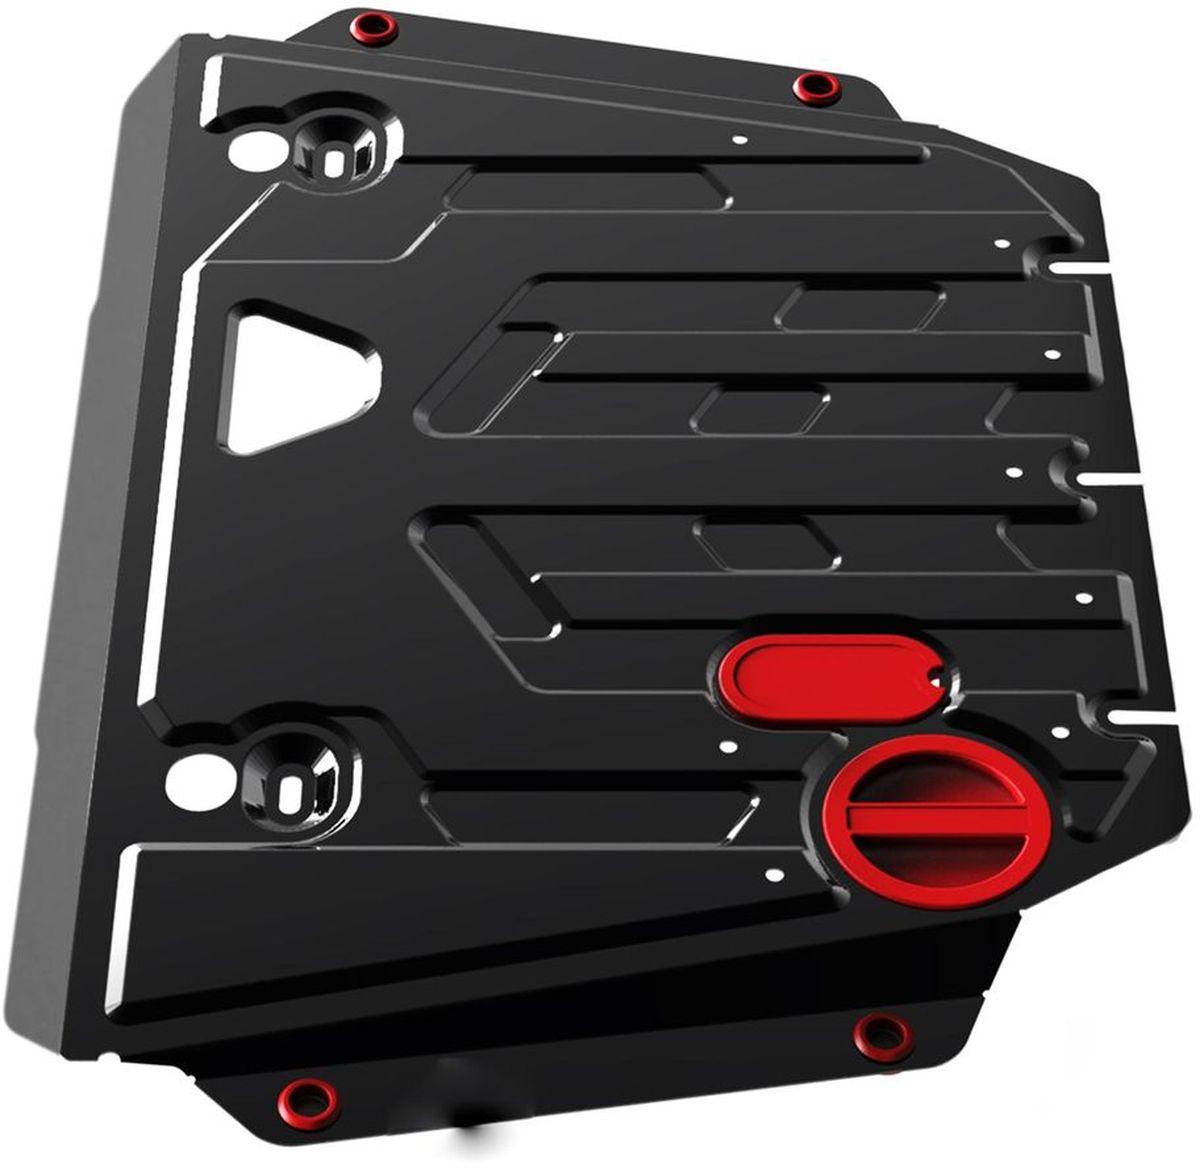 Защита картера и КПП Автоброня, для FAW Oley, V-1,5 (2014-)111.08008.1Технологически совершенный продукт за невысокую стоимость. Защита разработана с учетом особенностей днища автомобиля, что позволяет сохранить дорожный просвет с минимальным изменением. Защита устанавливается в штатные места кузова автомобиля. Глубокий штамп обеспечивает до двух раз больше жесткости в сравнении с обычной защитой той же толщины. Проштампованные ребра жесткости препятствуют деформации защиты при ударах. Тепловой зазор и вентиляционные отверстия обеспечивают сохранение температурного режима двигателя в норме. Скрытый крепеж предотвращает срыв крепежных элементов при наезде на препятствие. Шумопоглощающие резиновые элементы обеспечивают комфортную езду без вибраций и скрежета металла, а съемные лючки для слива масла и замены фильтра - экономию средств и время. Конструкция изделия не влияет на пассивную безопасность автомобиля (при ударе защита не воздействует на деформационные зоны кузова). Со штатным крепежом. В комплекте инструкция по установке....